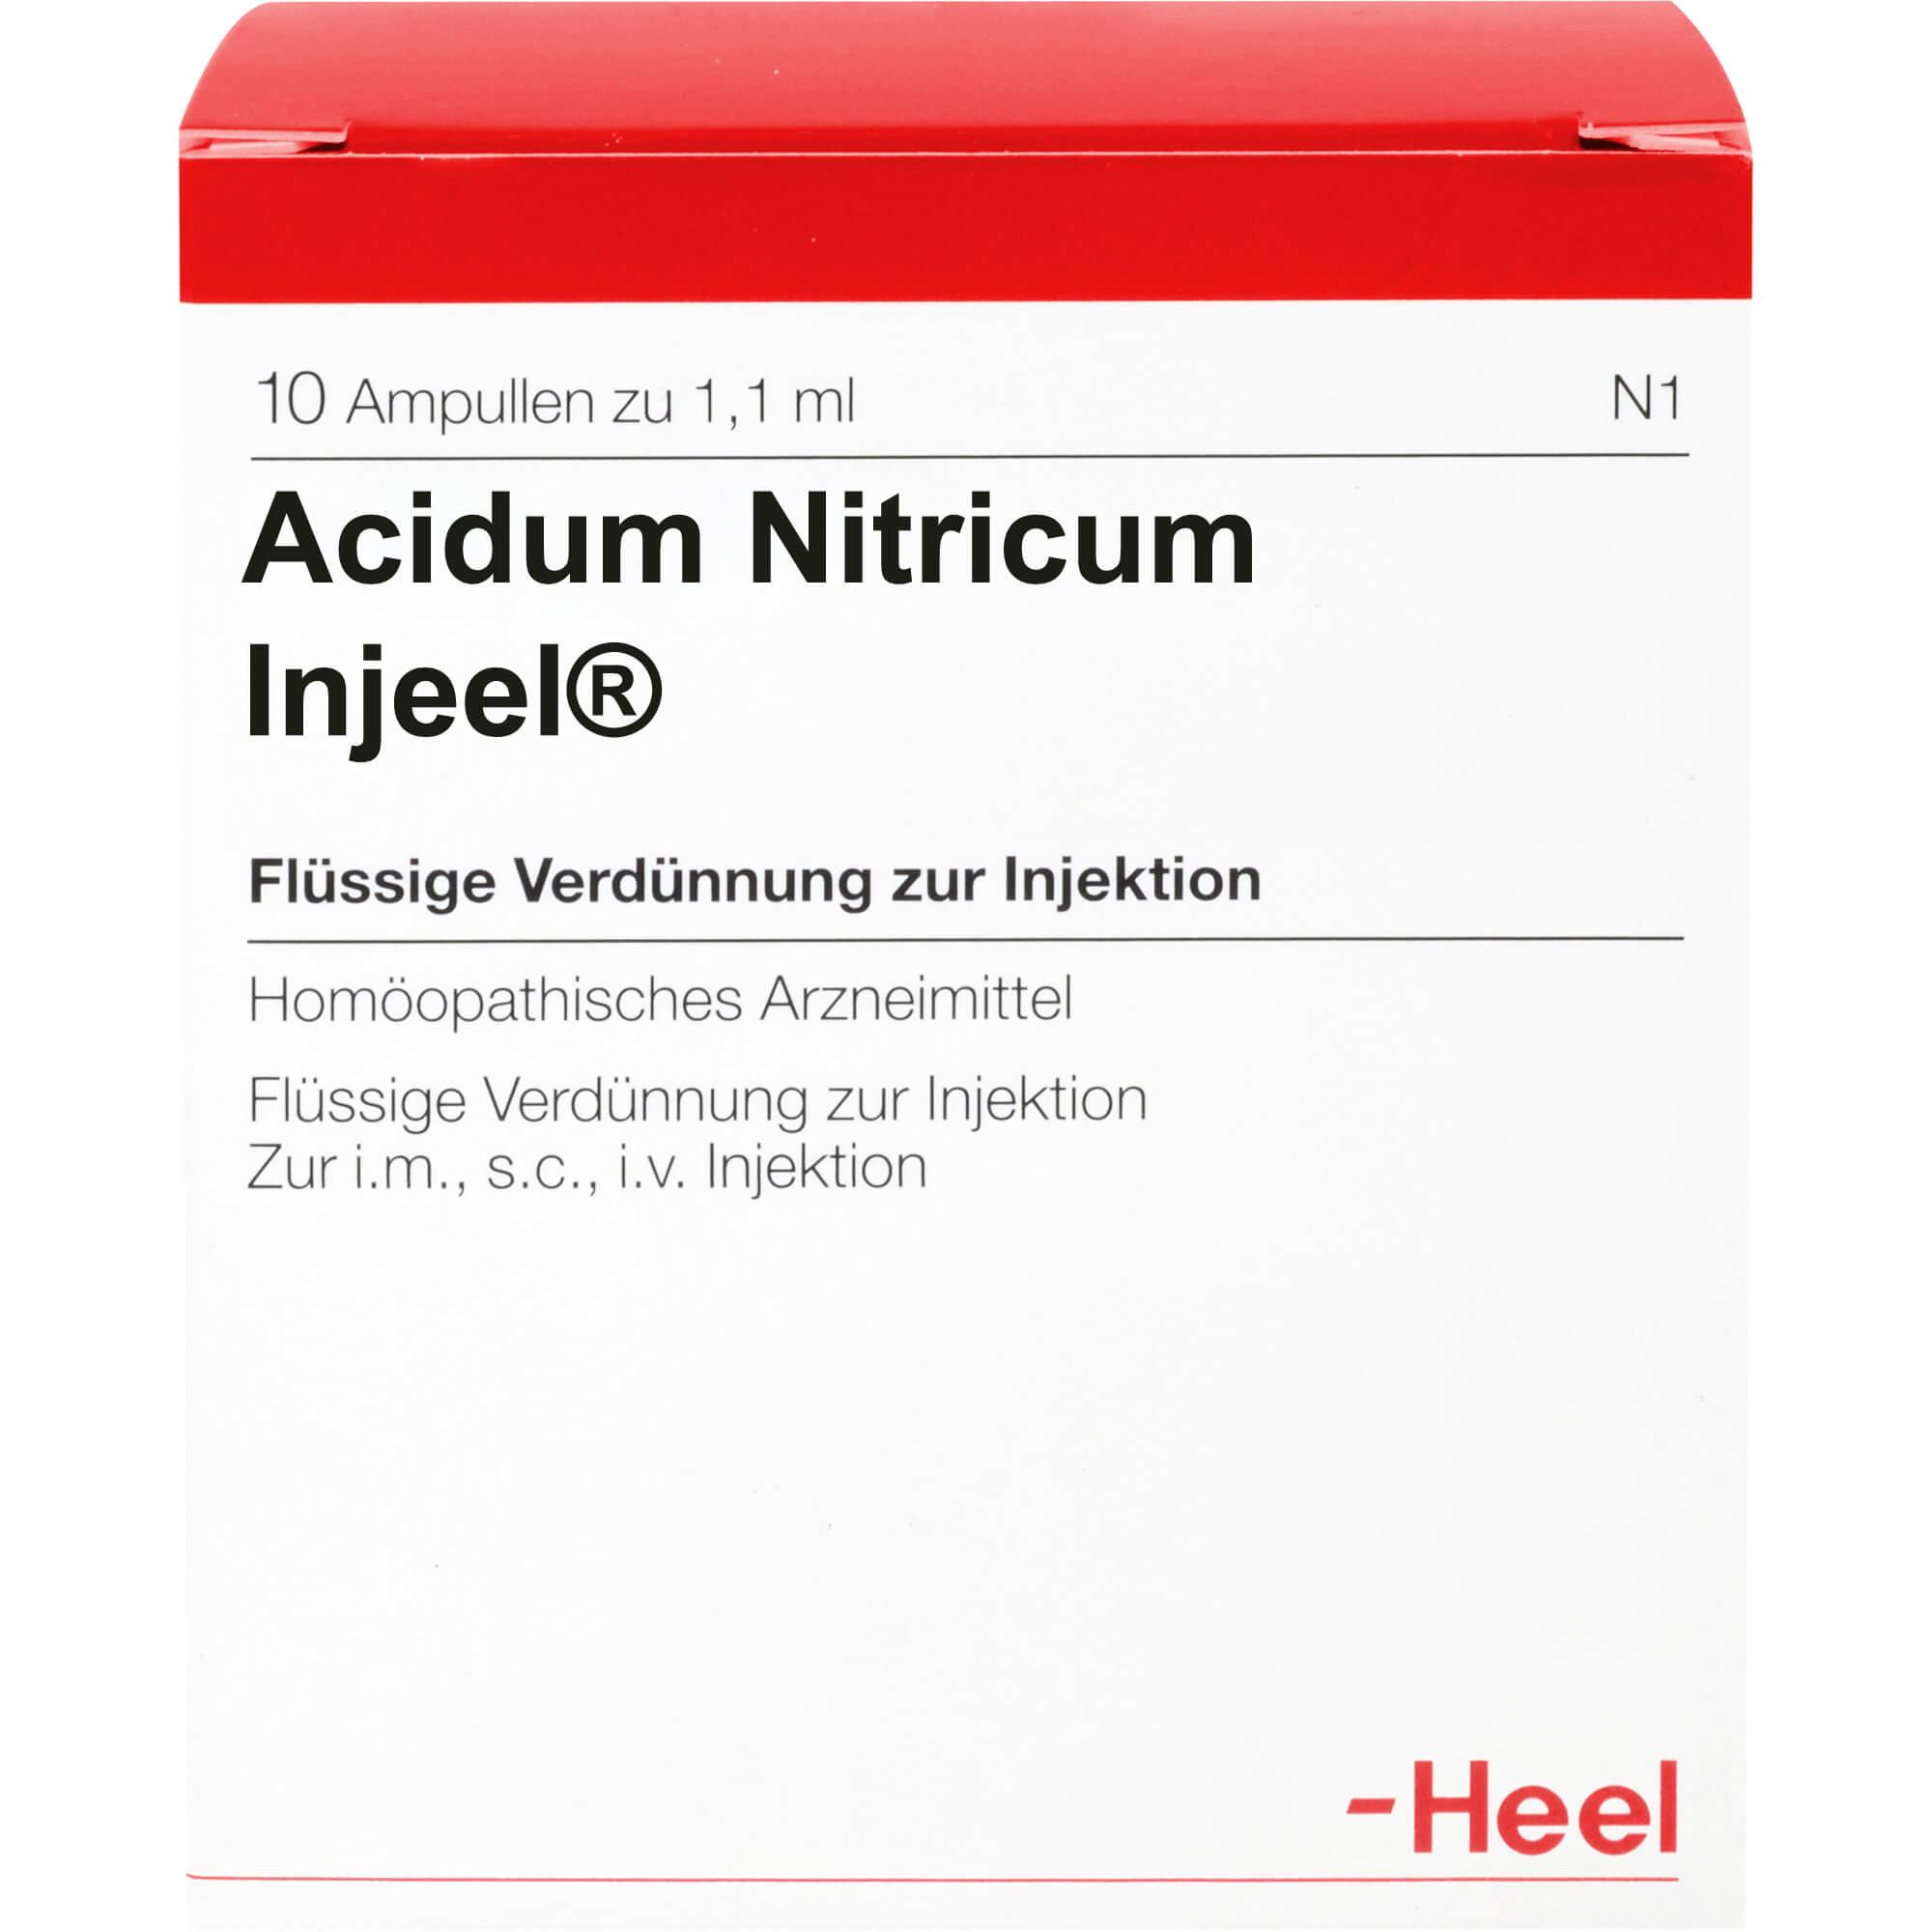 ACIDUM-NITRICUM-INJEEL-Ampullen